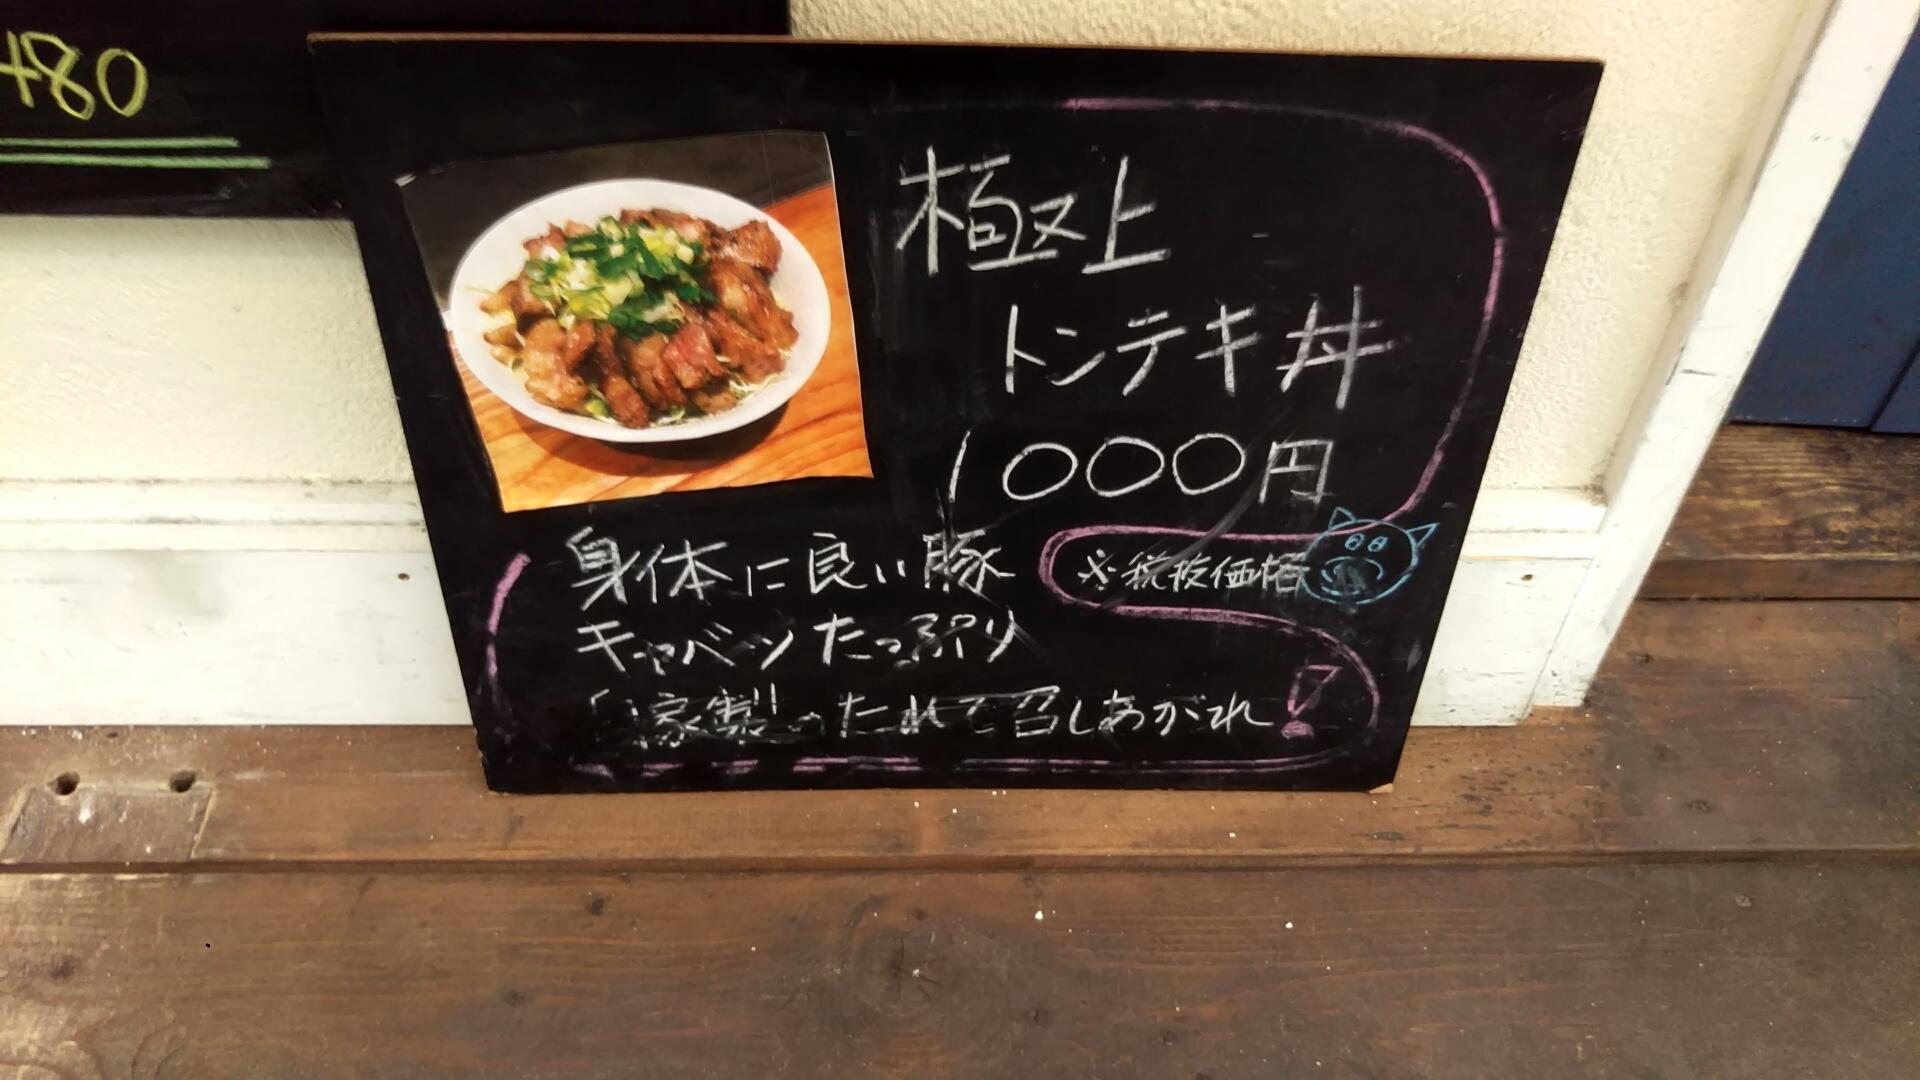 次は極上トンテキ丼を食べたい!